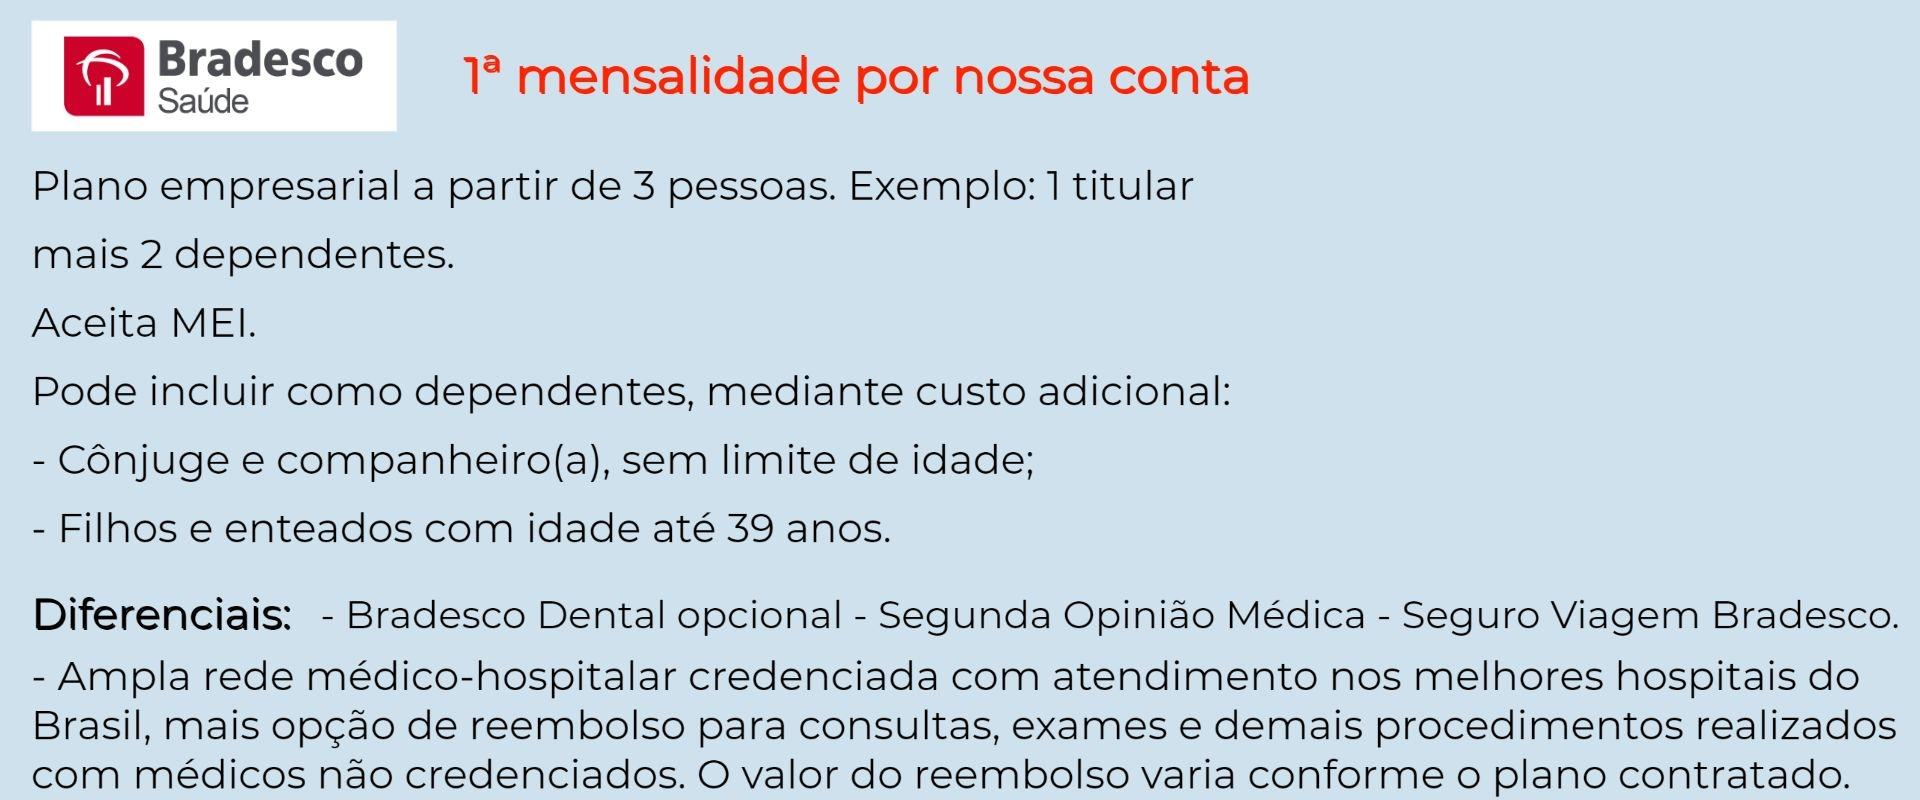 Bradesco Saúde Empresarial - Itaboraí